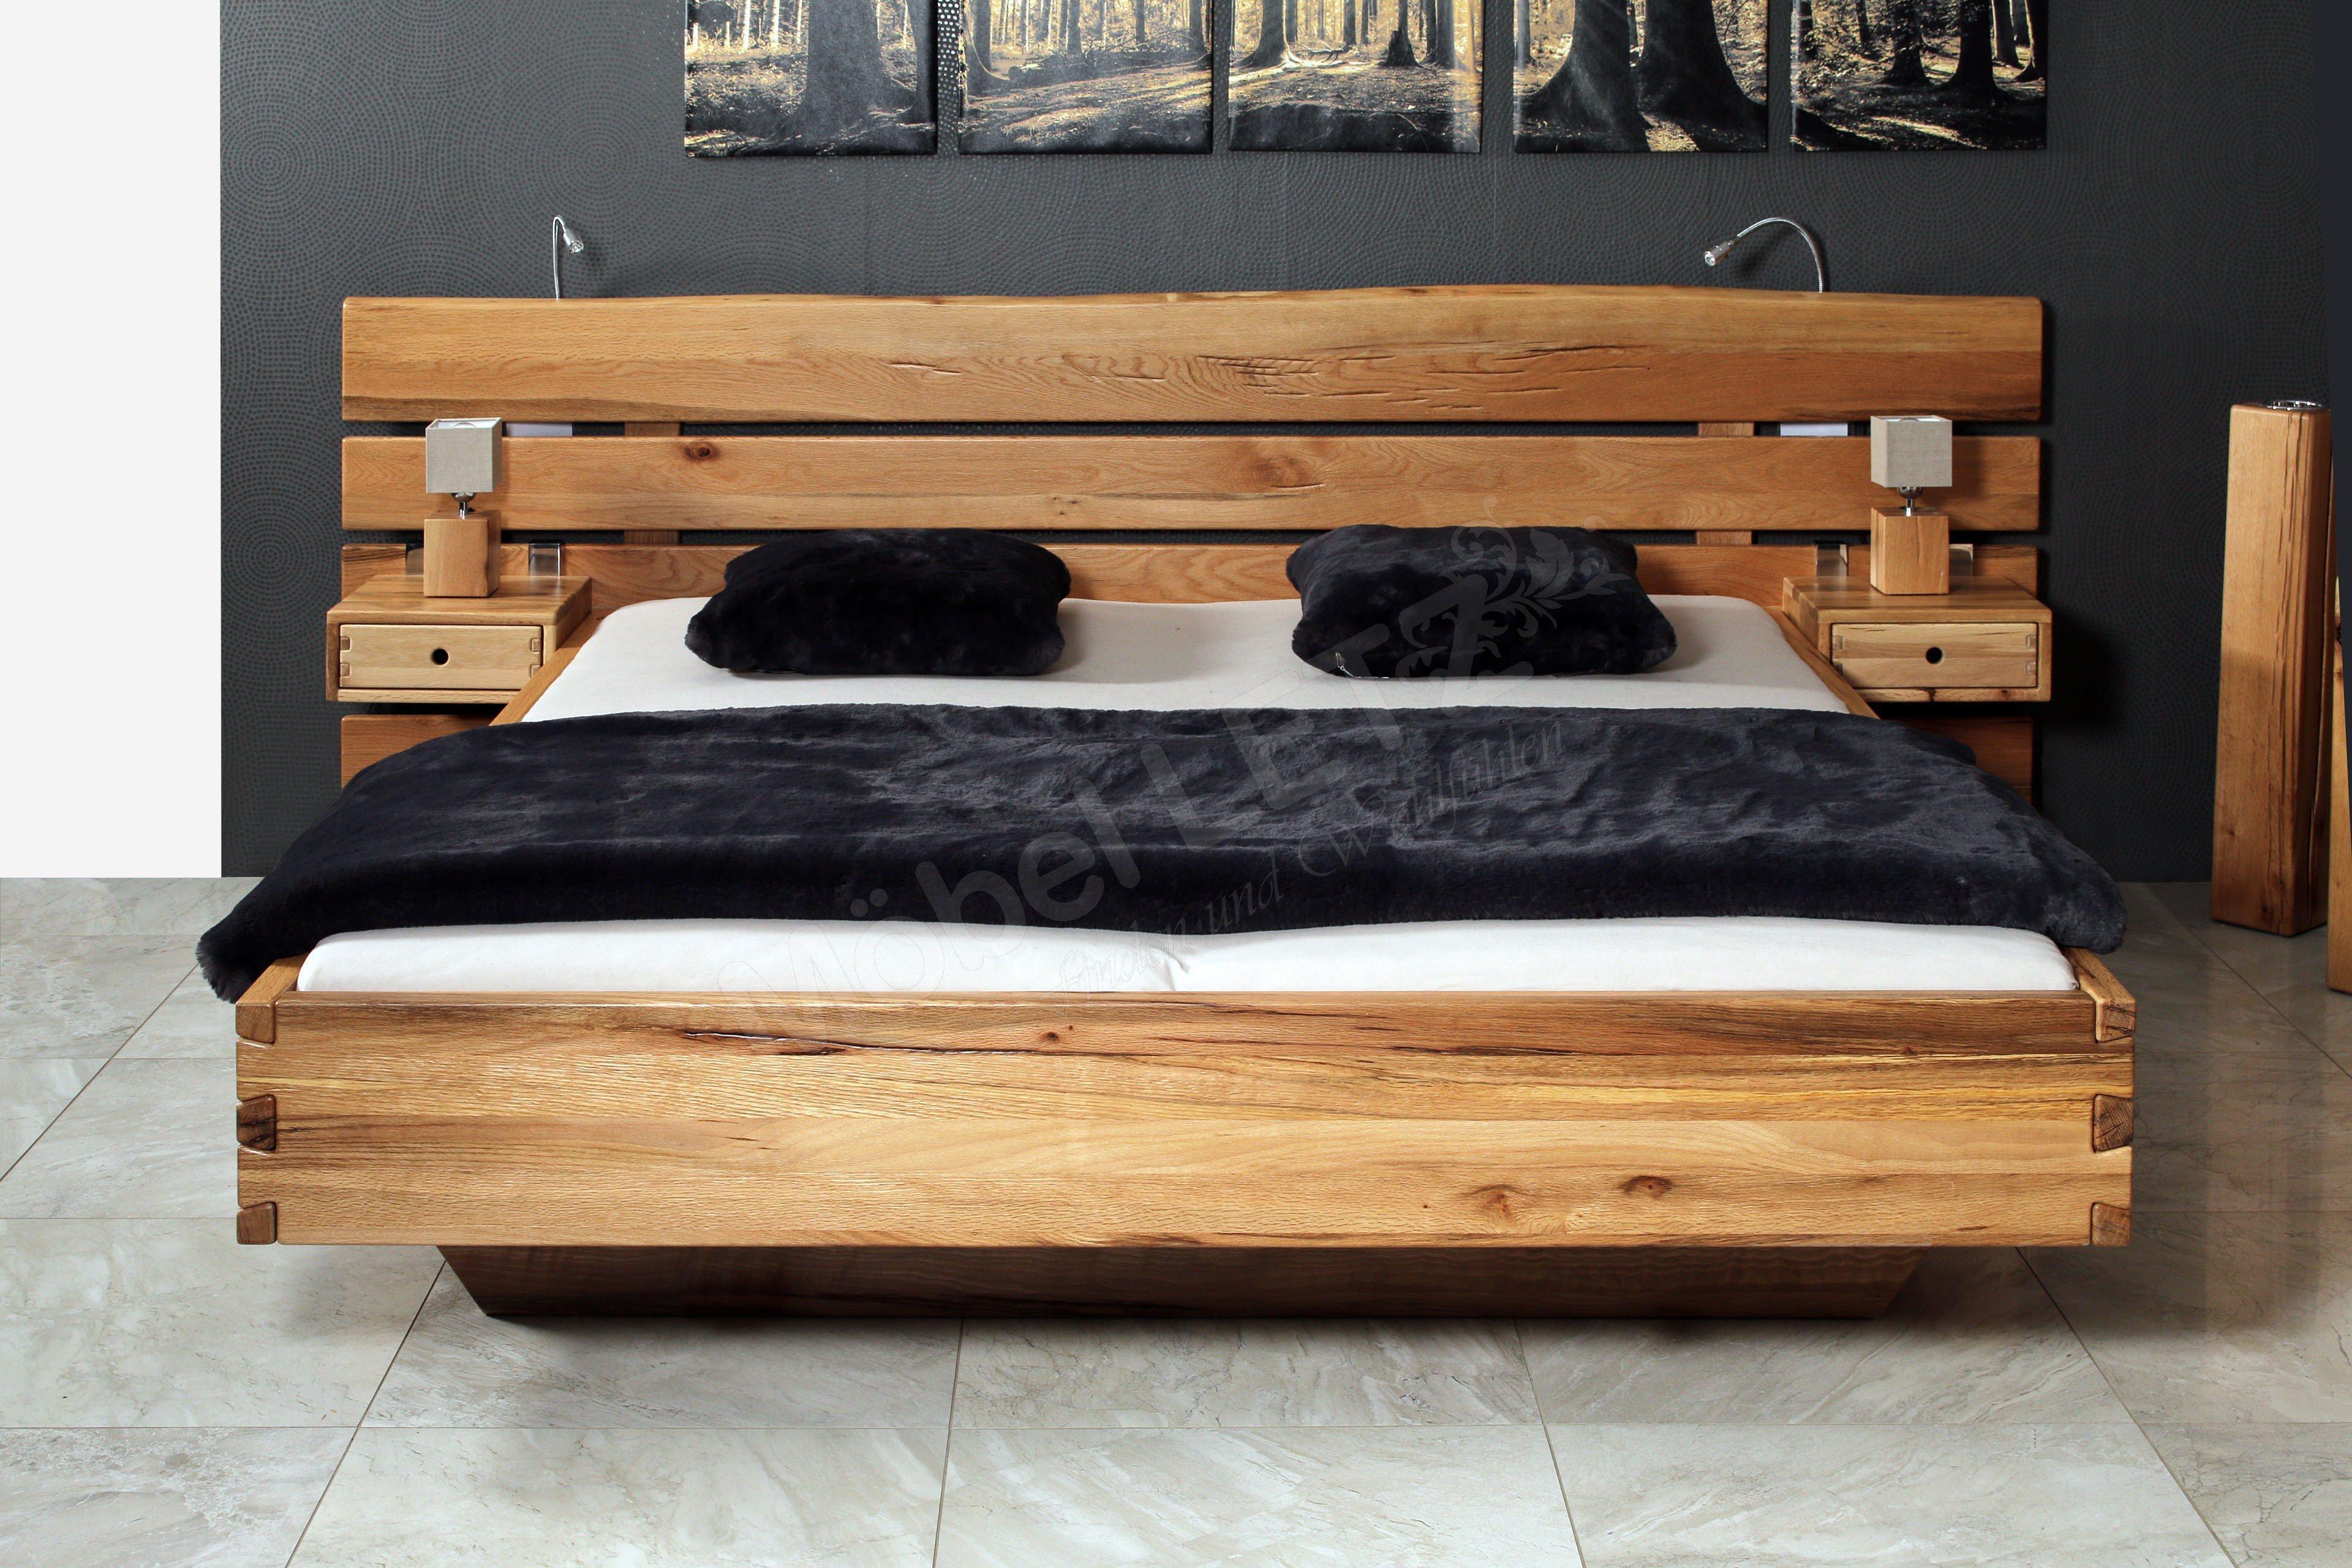 sprenger bett rosenheim liegefl che 180 x 200 cm m bel letz ihr online shop. Black Bedroom Furniture Sets. Home Design Ideas